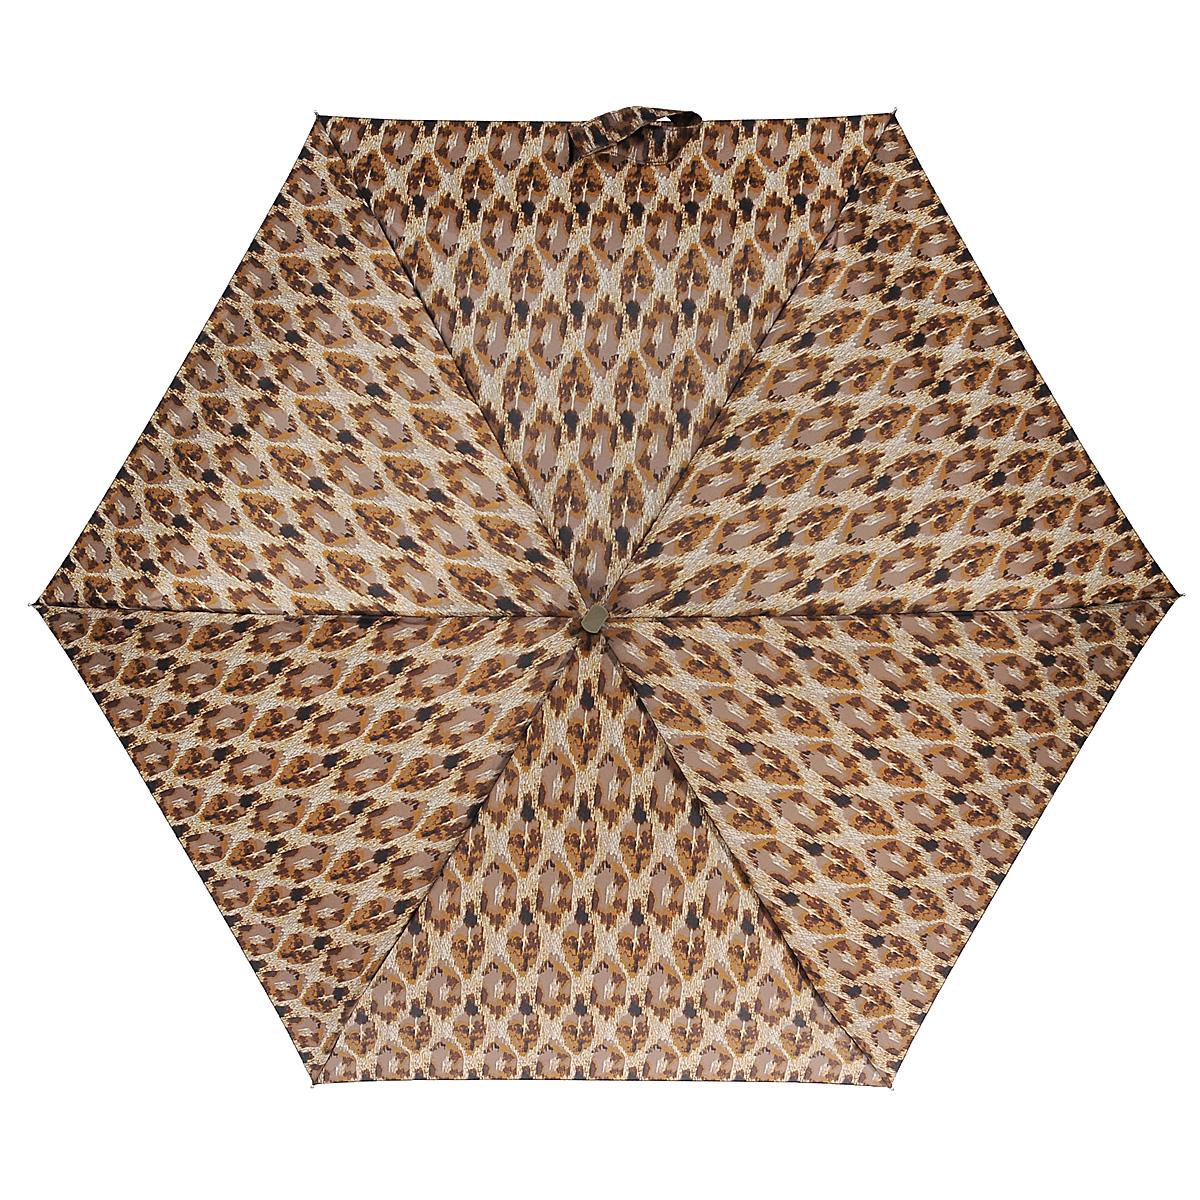 """Зонт женский Fulton Animal Aztec, механический, 5 сложений, цвет: коричневый. L501L501_Коричневый_ЛеопардСтильный зонт Fulton Animal Aztec, защитит от непогоды, а его сверхкомпактный размер позволит вам всегда носить его с собой. """"Ветростойкий"""" плоский алюминиевый каркас в 5 сложений состоит из шести спиц с элементами из фибергласса, зонт оснащен удобной рукояткой из дерева. Купол зонта выполнен из прочного полиэстера и оформлен леопардовым принтом. На рукоятке для удобства есть небольшой шнурок, позволяющий надеть зонт на руку тогда, когда это будет необходимо. К зонту прилагается чехол. Зонт механического сложения: купол открывается и закрывается вручную, стержень также складывается вручную до характерного щелчка. Характеристики: Материал: алюминий, фибергласс, пластик, полиэстер. Длина ручки (стержня) в раскрытом виде: 50 см."""